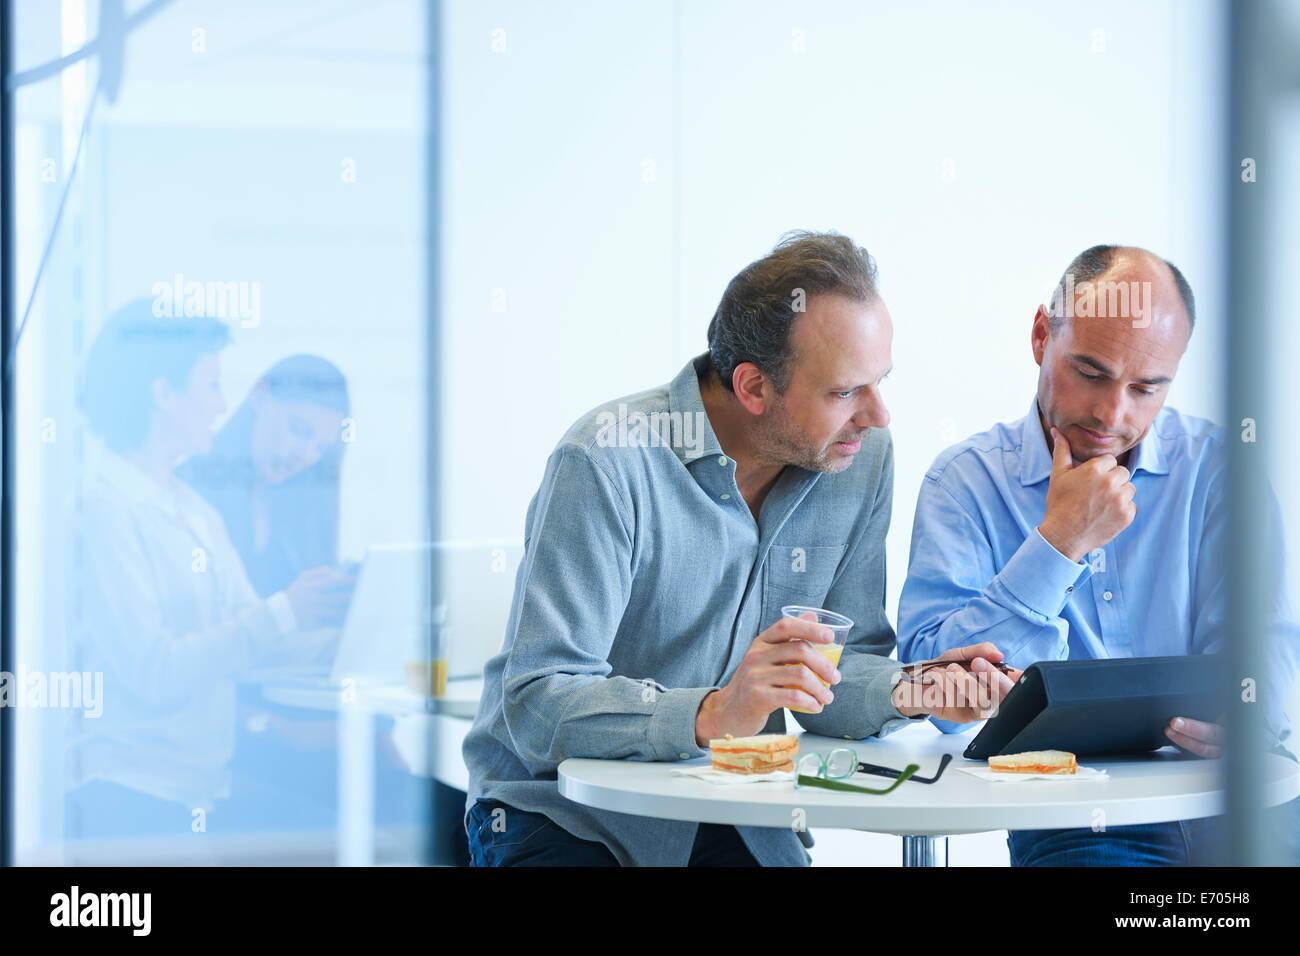 La gente di affari avendo discussioni durante il pranzo Immagini Stock